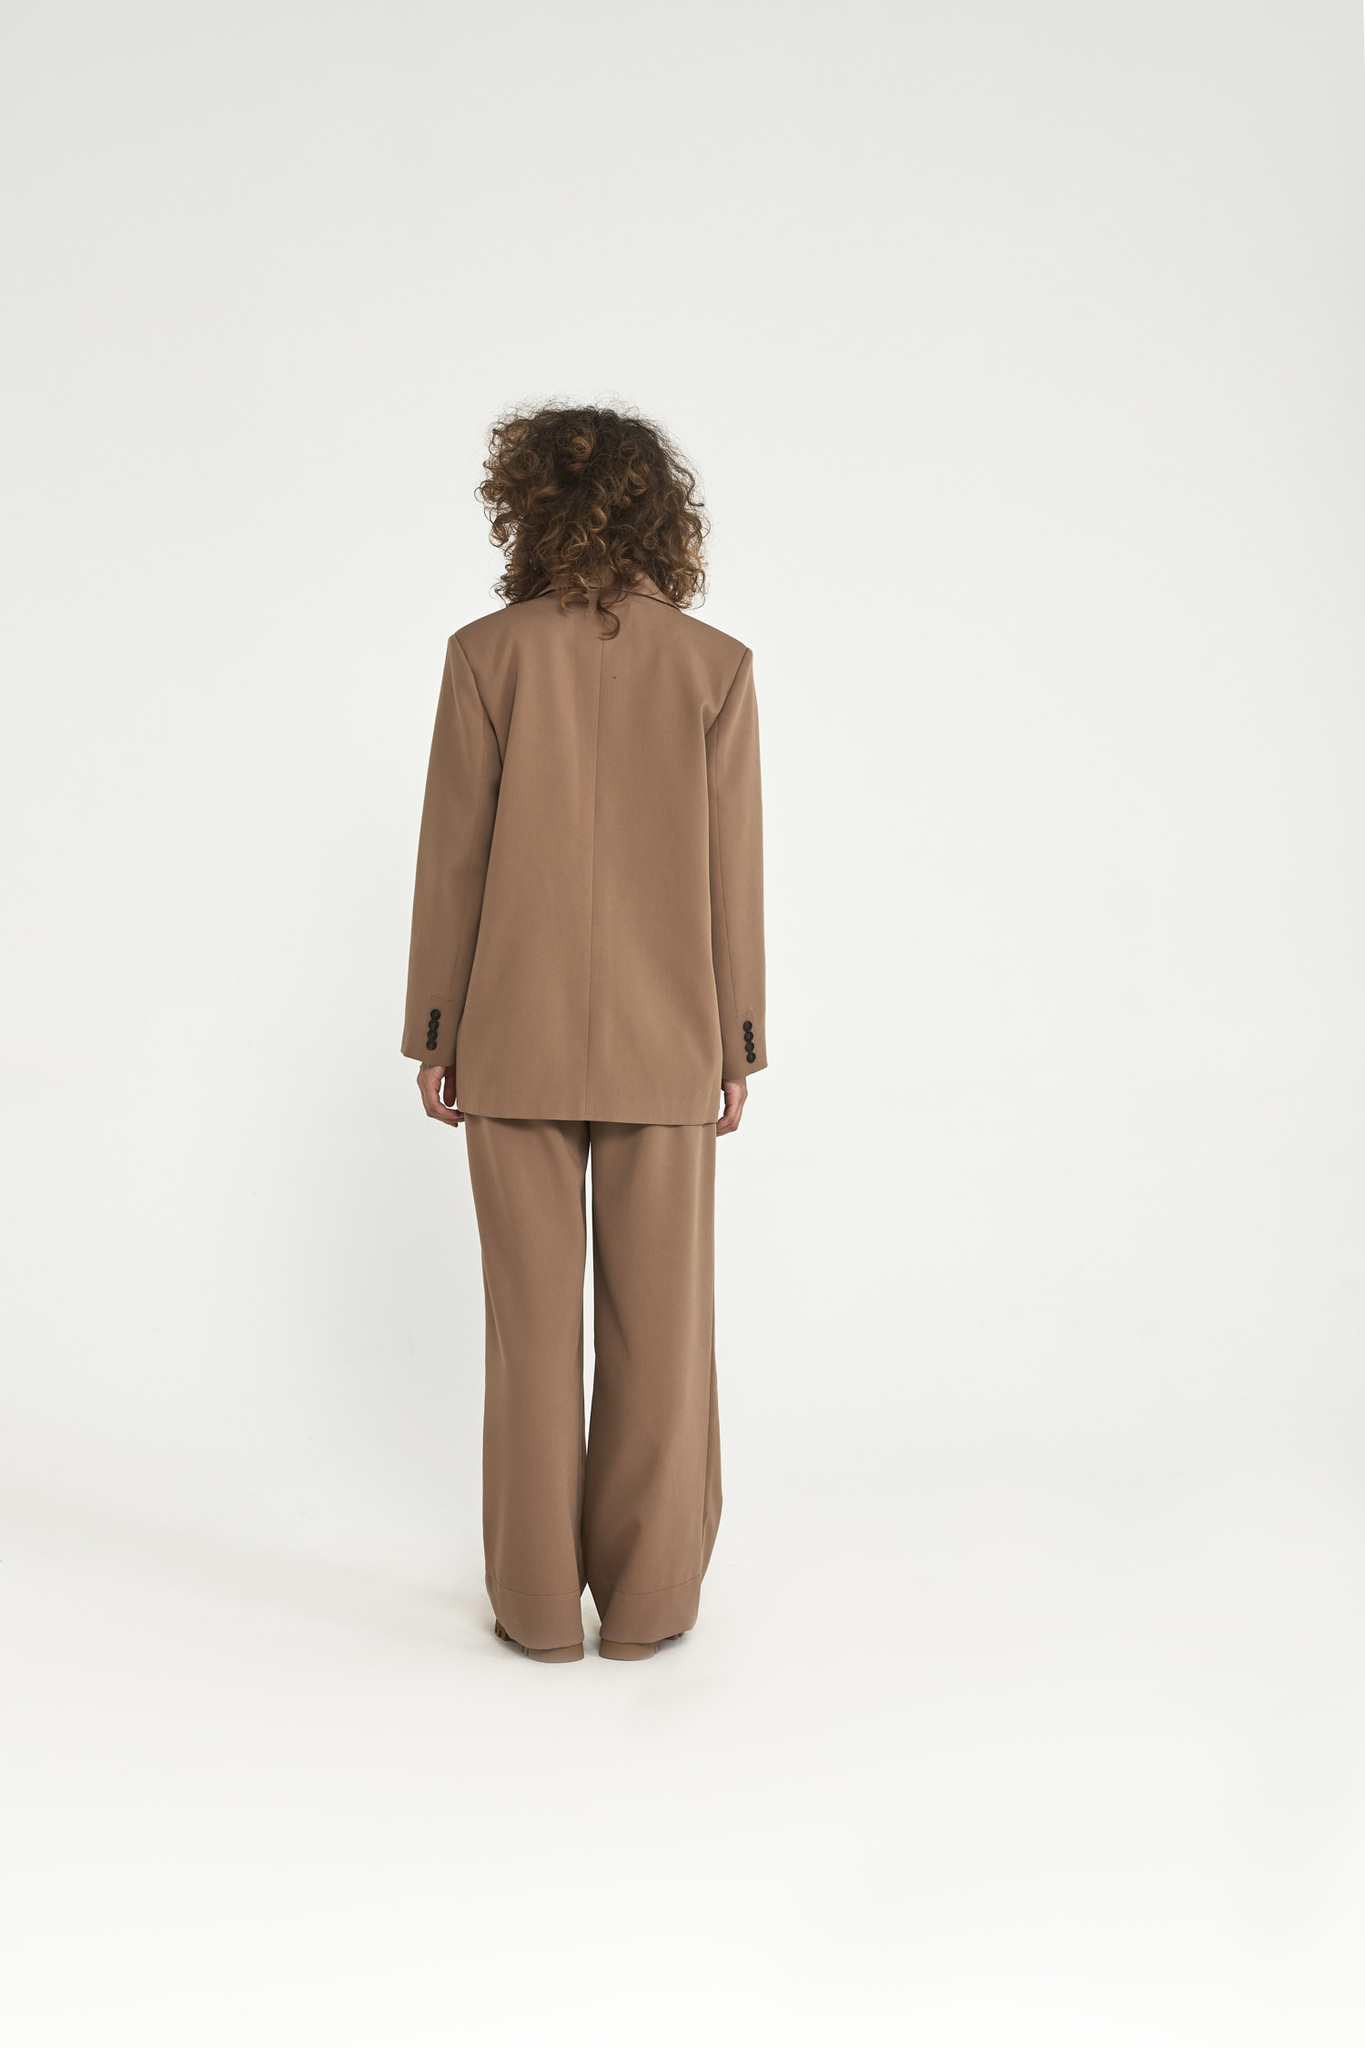 Жакет с большим плечом (костюмный твил), карамель